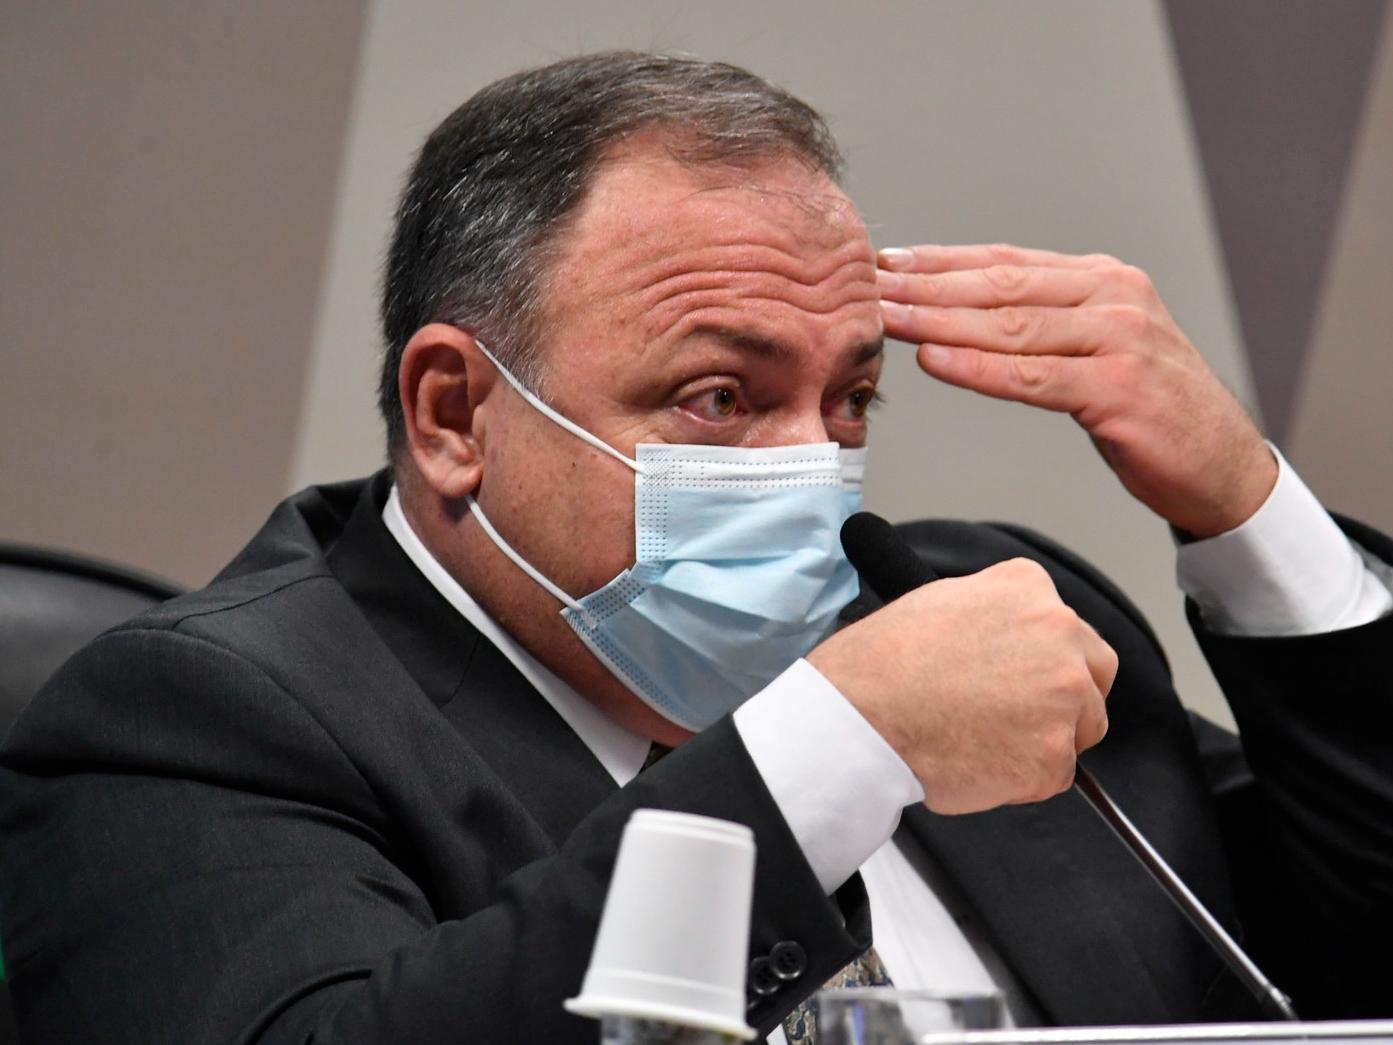 Pazuello nega ter negociado com intermediários para compra da CoronaVac